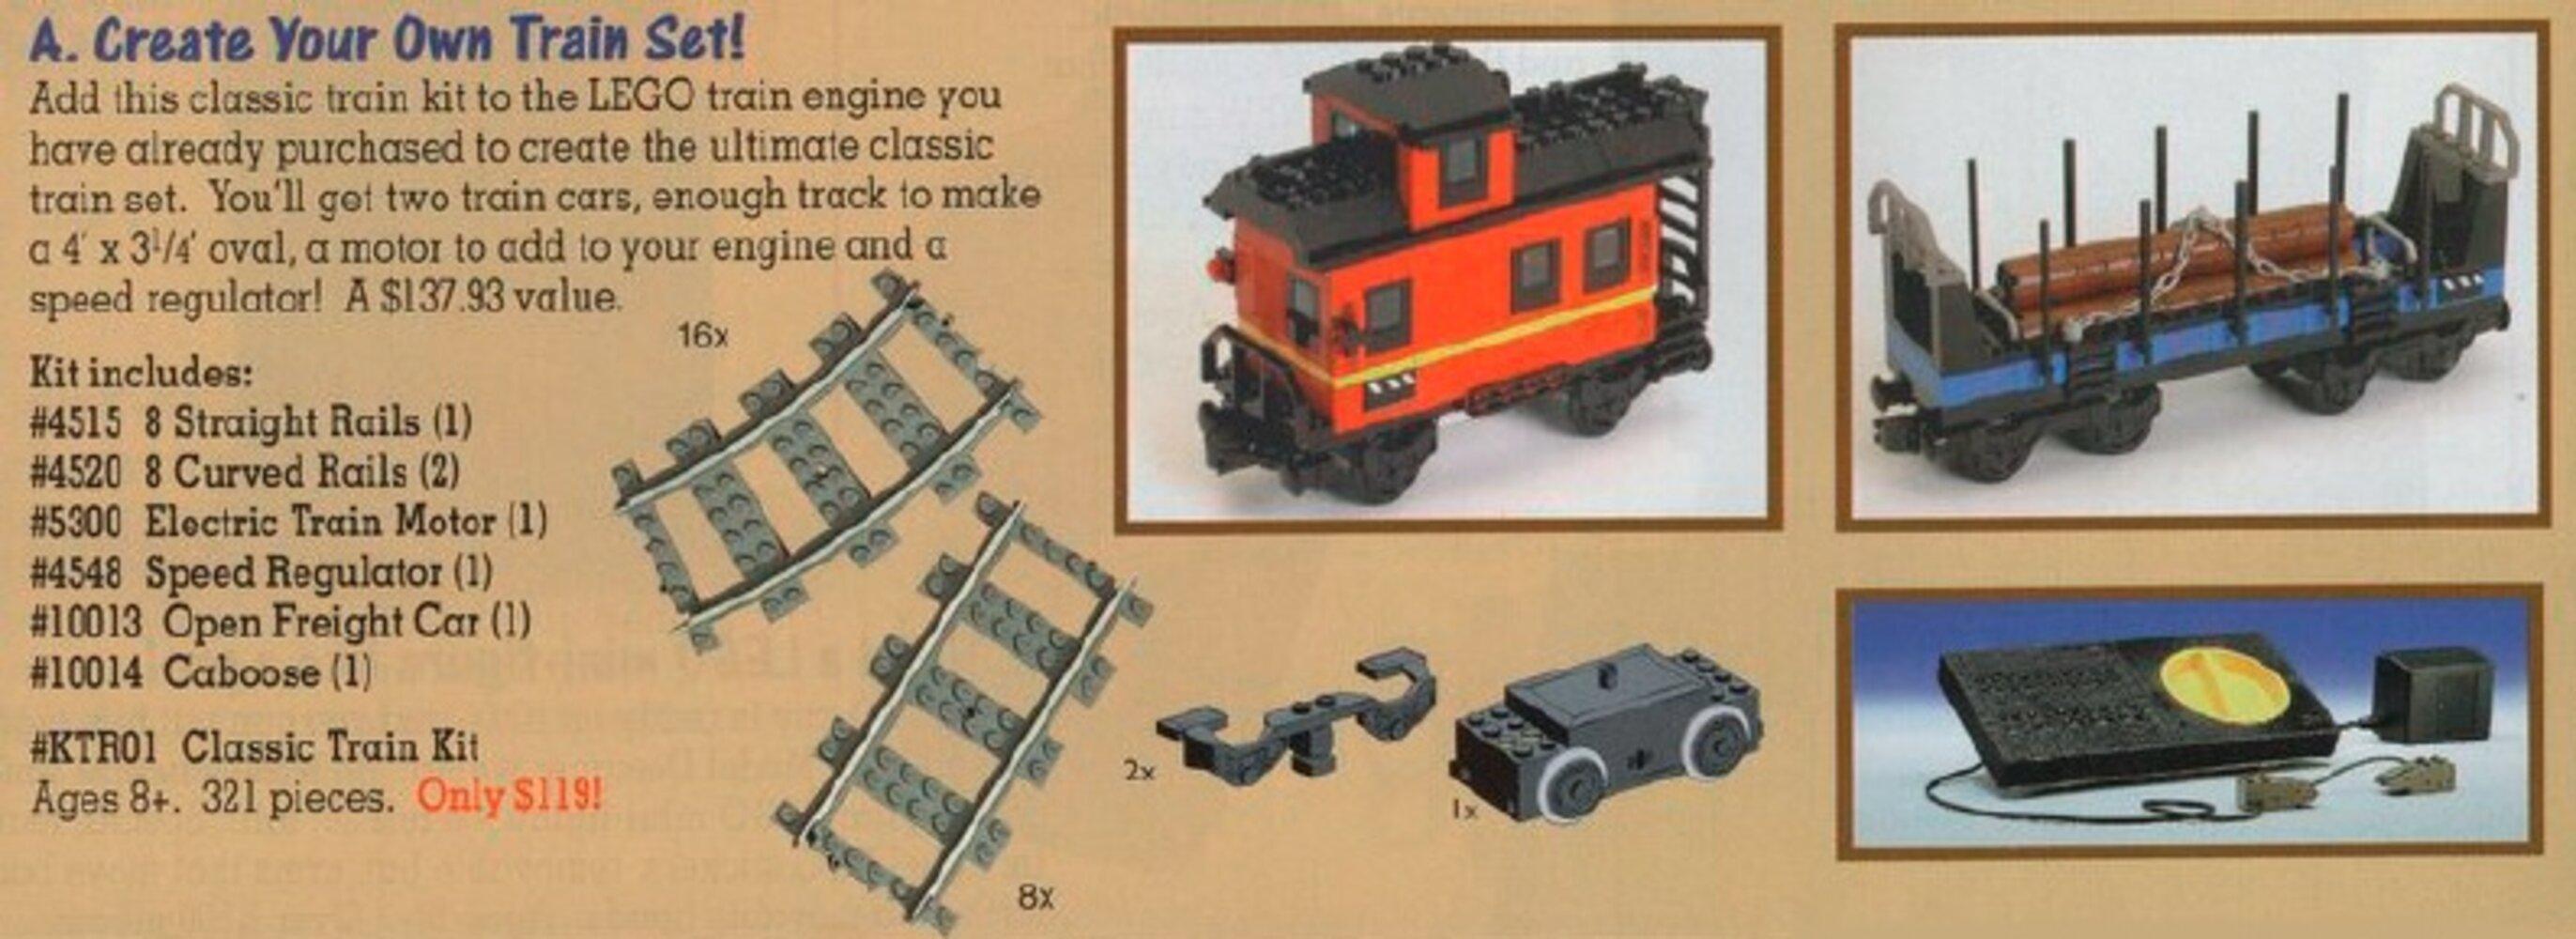 Classic Train Kit